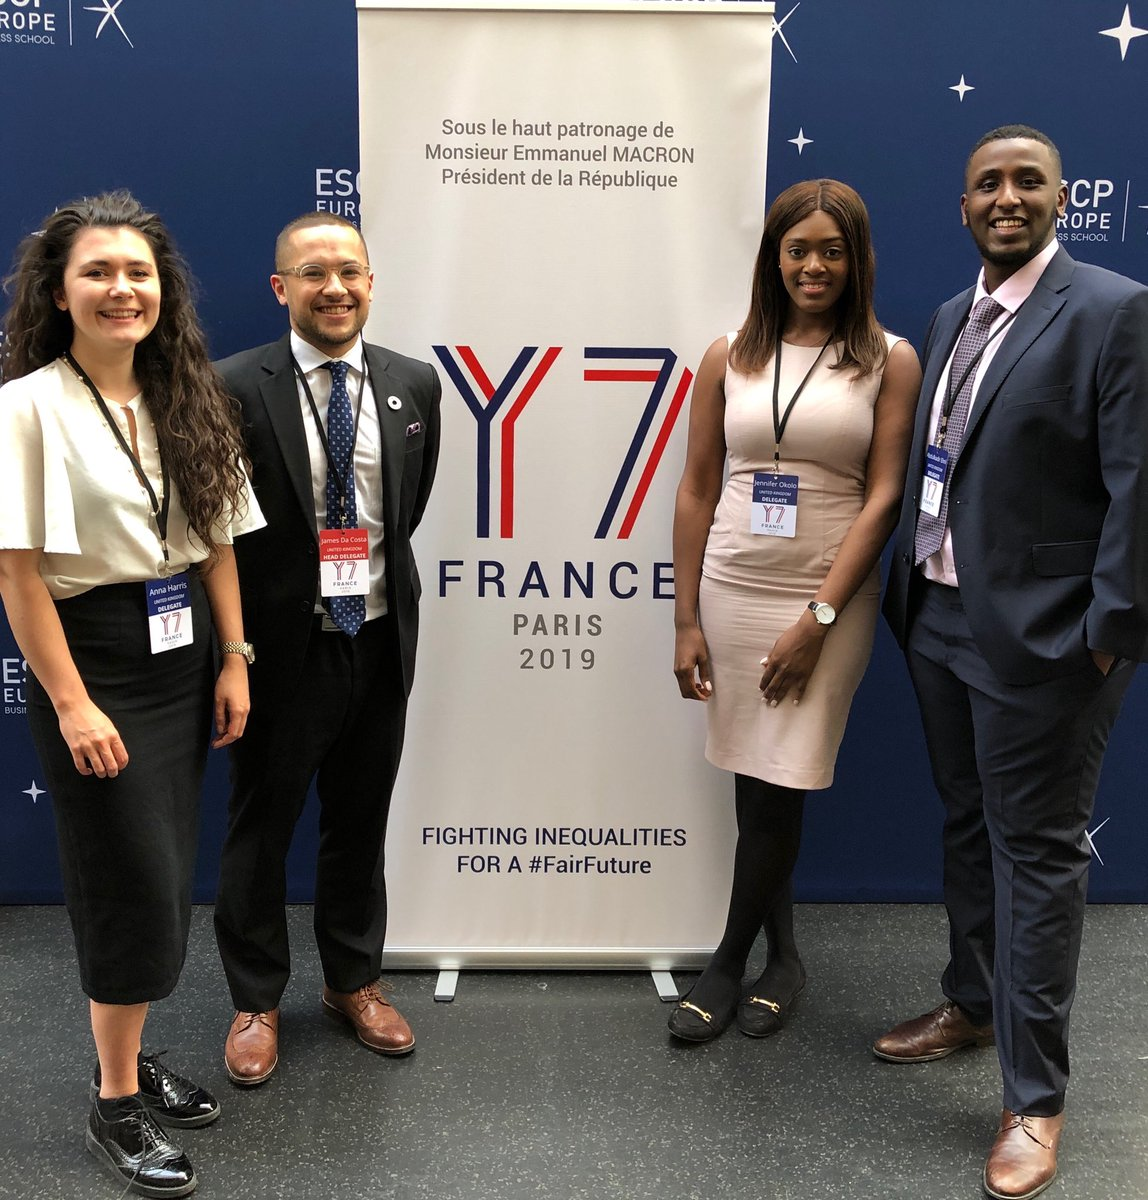 Y7 Delegation France 2019